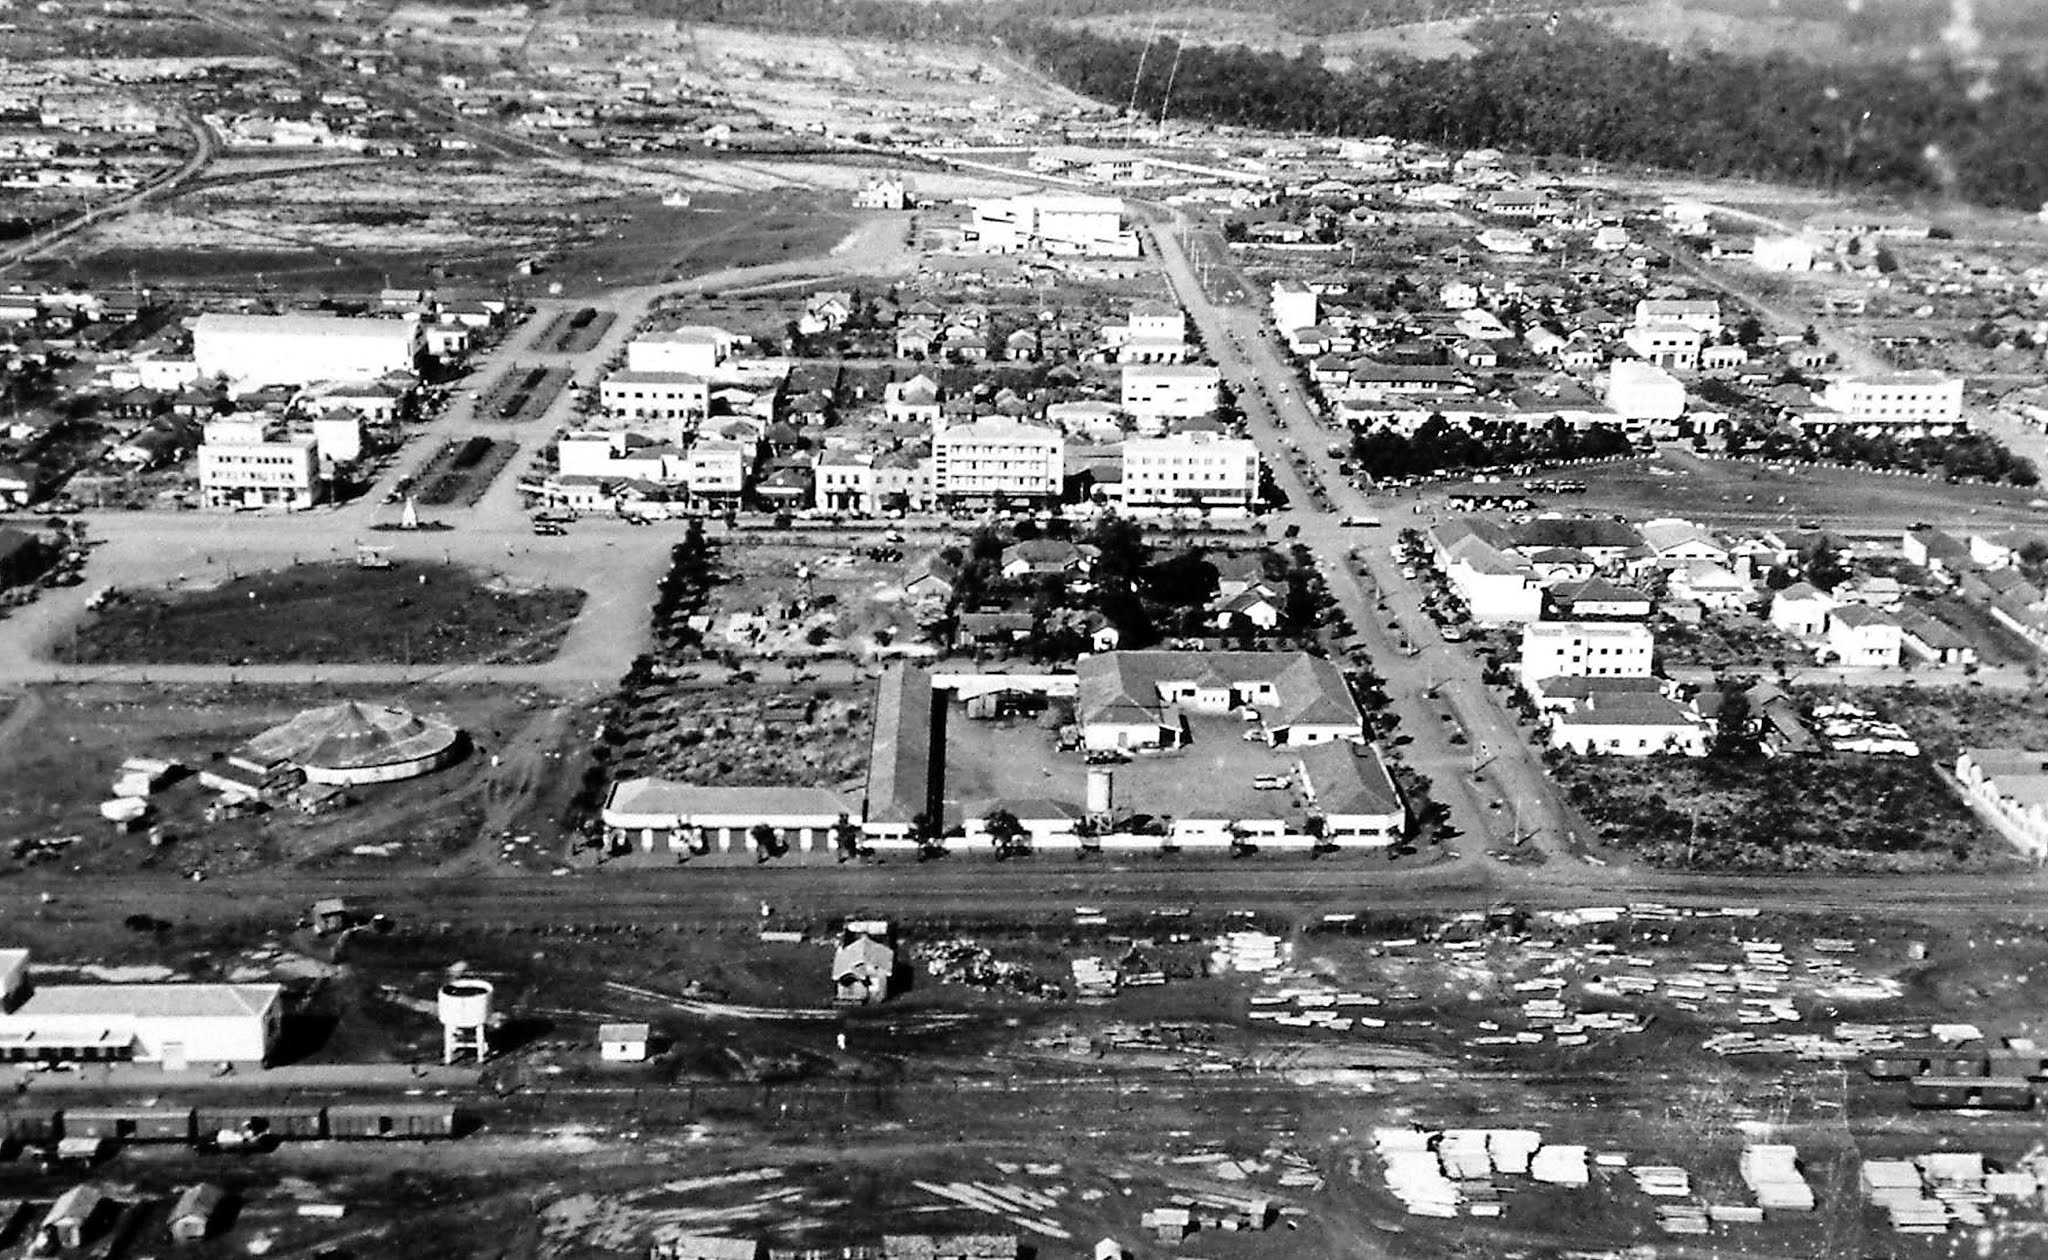 Vista aérea de Maringá - 1957